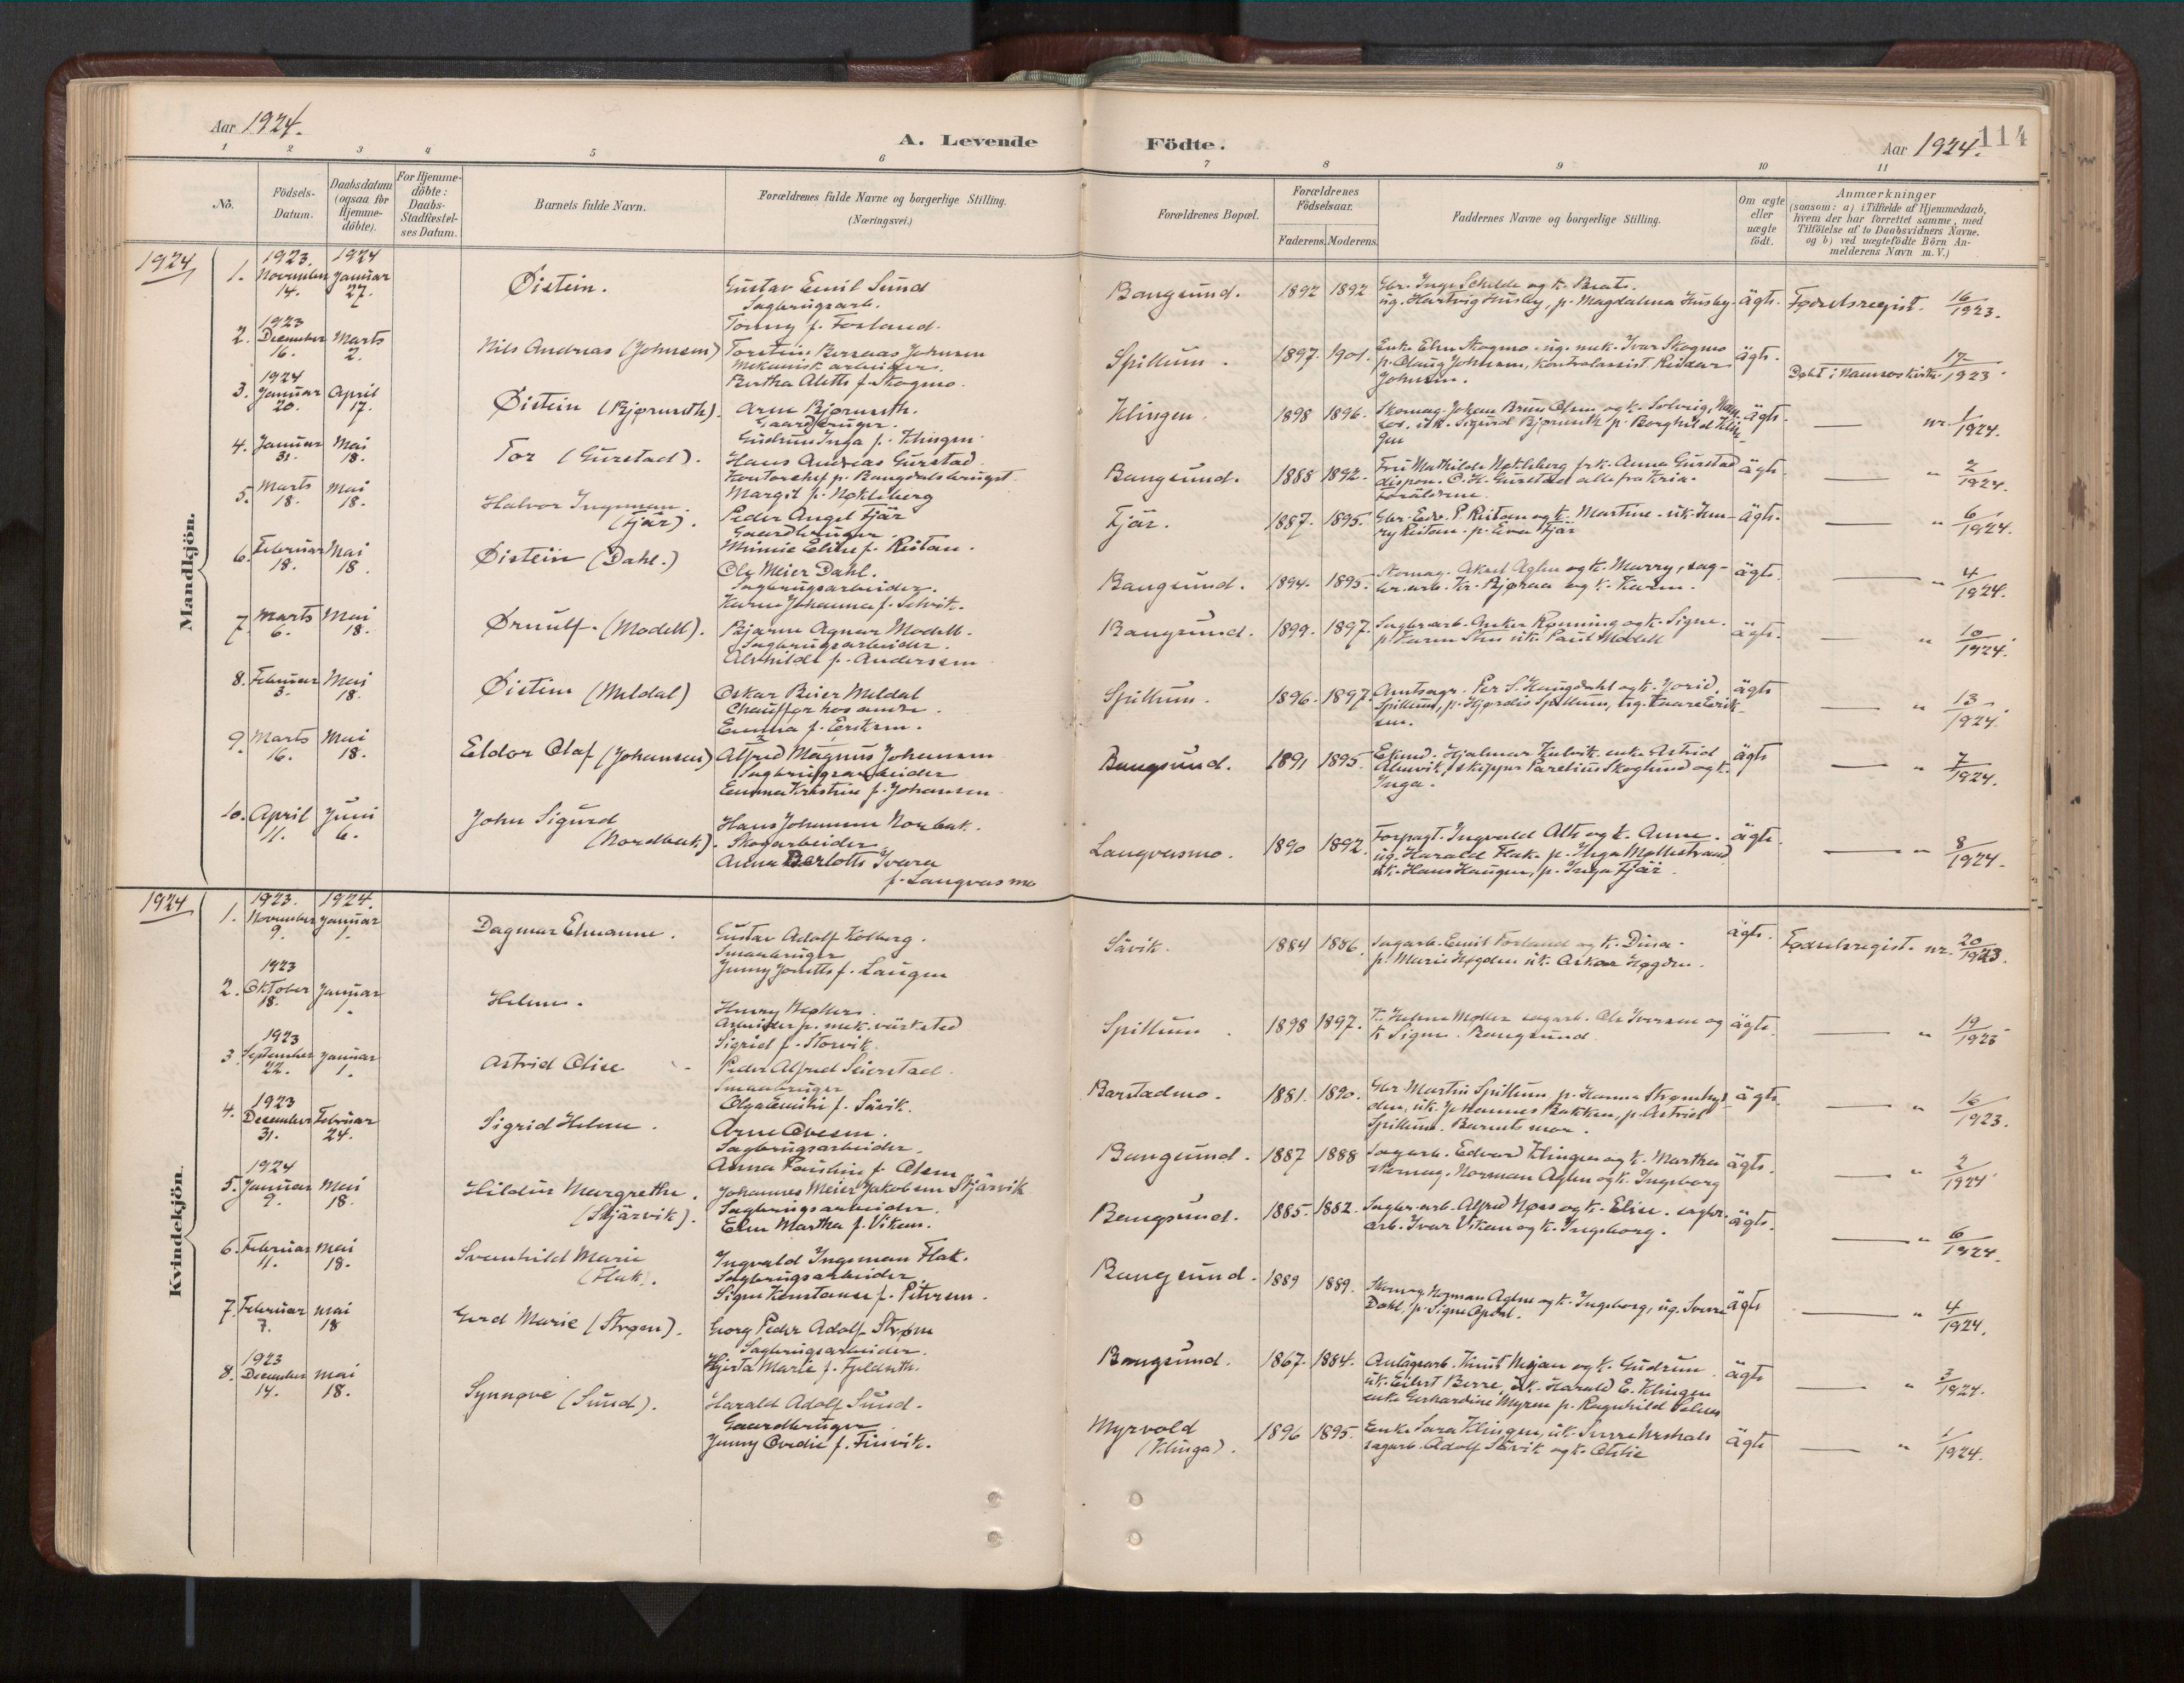 SAT, Ministerialprotokoller, klokkerbøker og fødselsregistre - Nord-Trøndelag, 770/L0589: Ministerialbok nr. 770A03, 1887-1929, s. 114